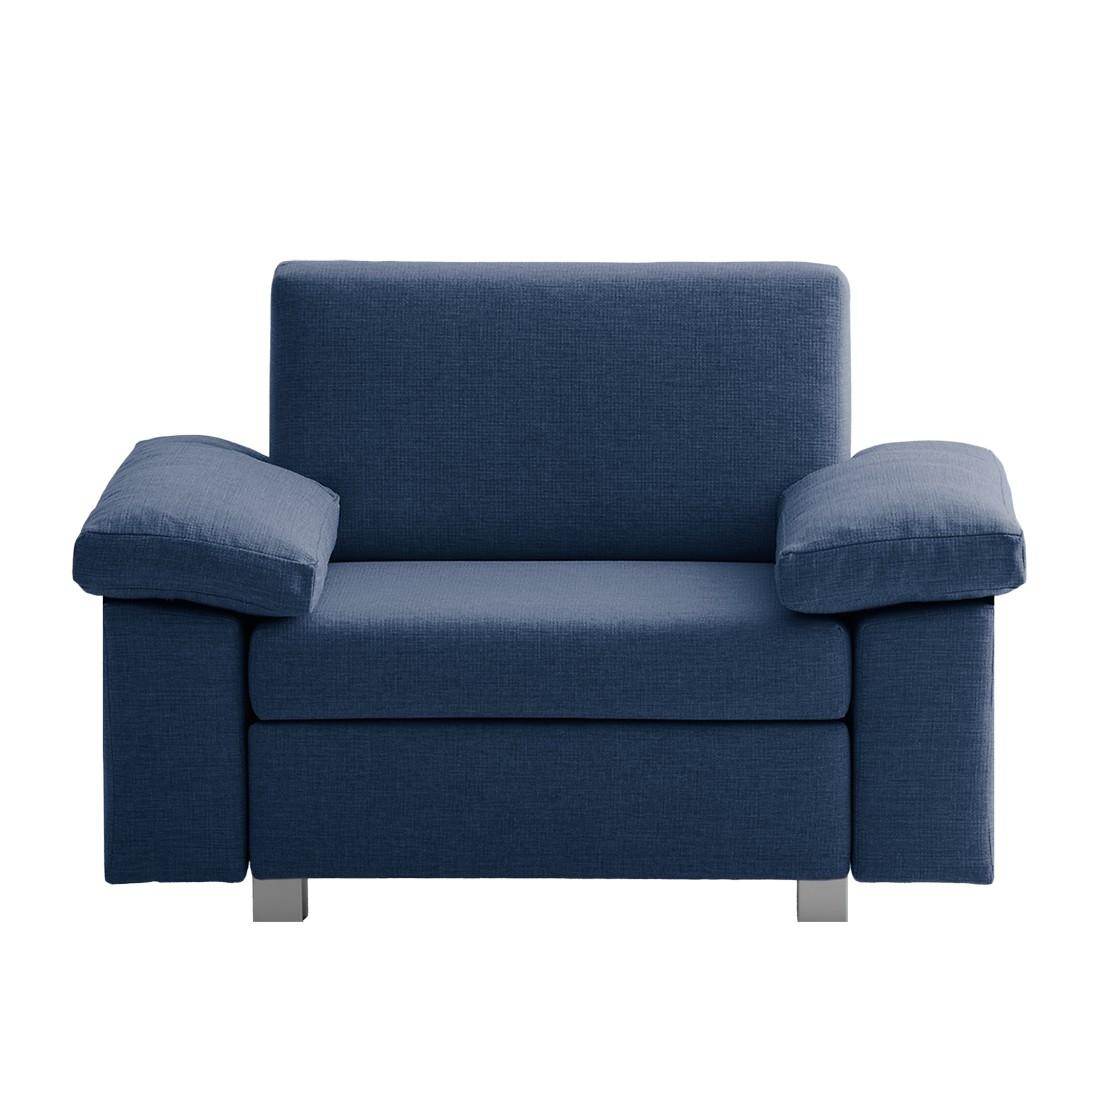 goedkoop Slaapfauteuil Plaza geweven stof Blauw Opklapbare armleuningen chillout by Franz Fertig